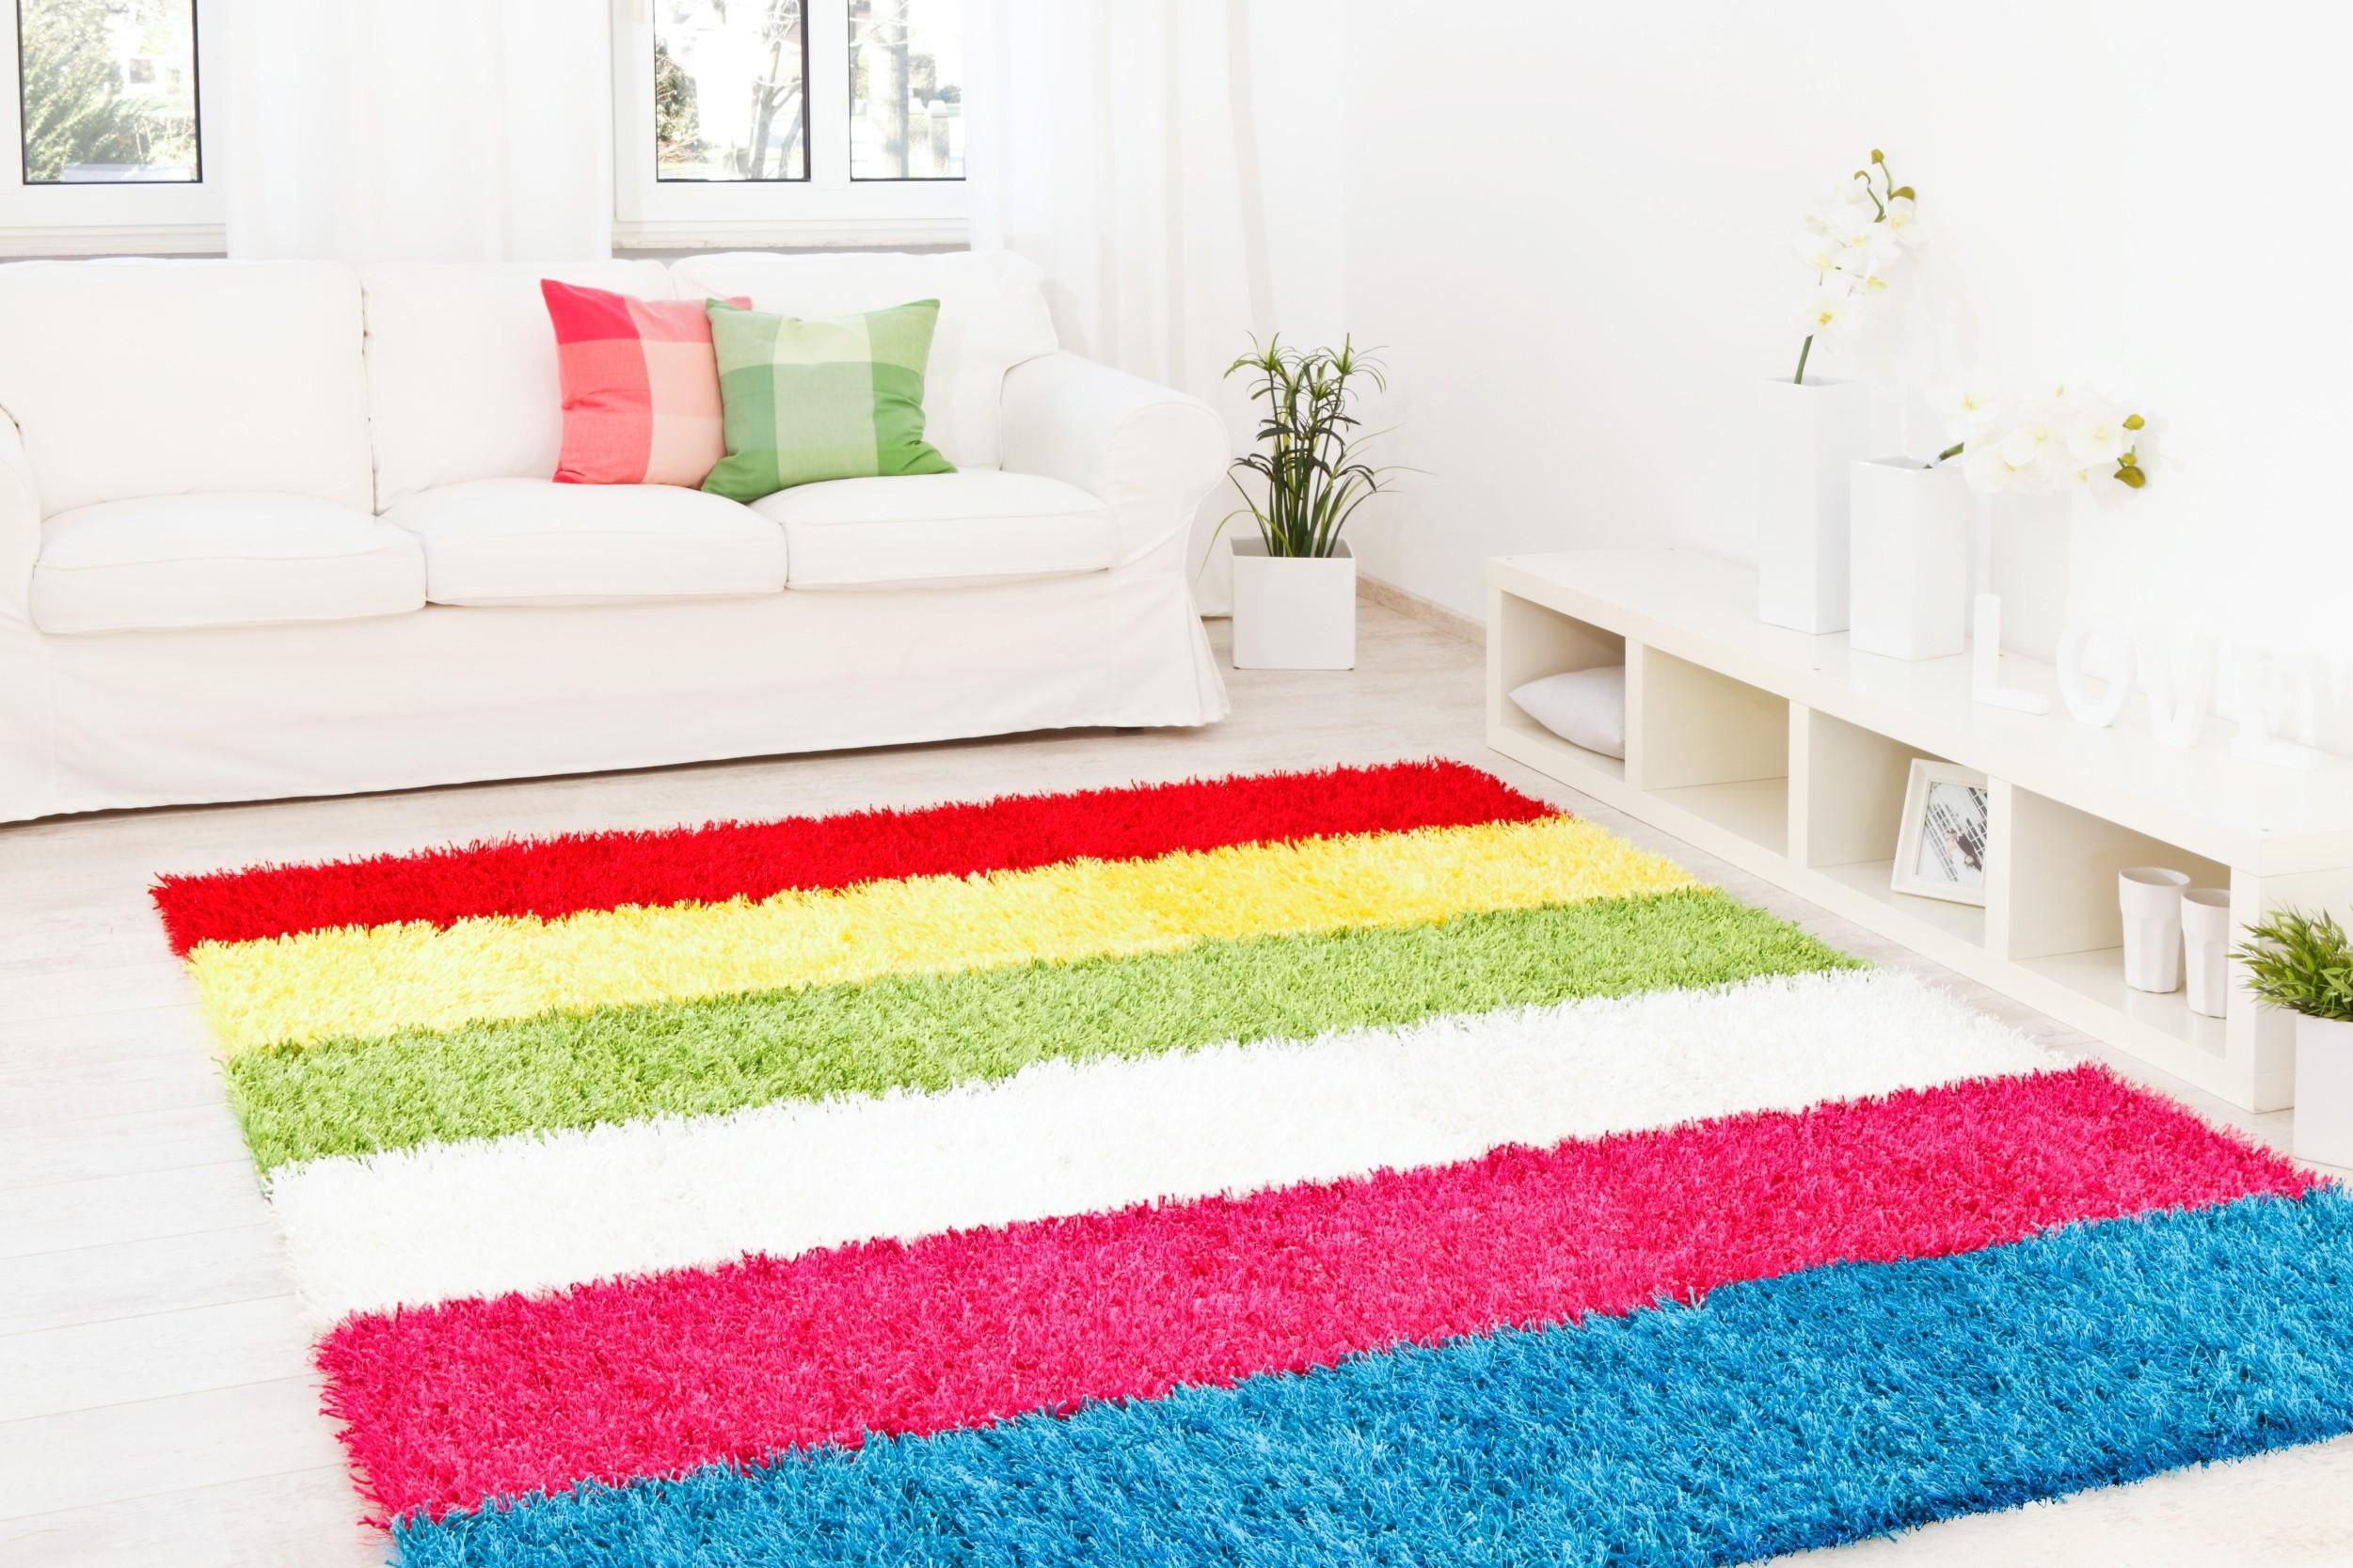 Teppich Al Mano Beispiel: Linien in frischen bunten Farben (rot, gelb, grün, weiß, pink, türkis)